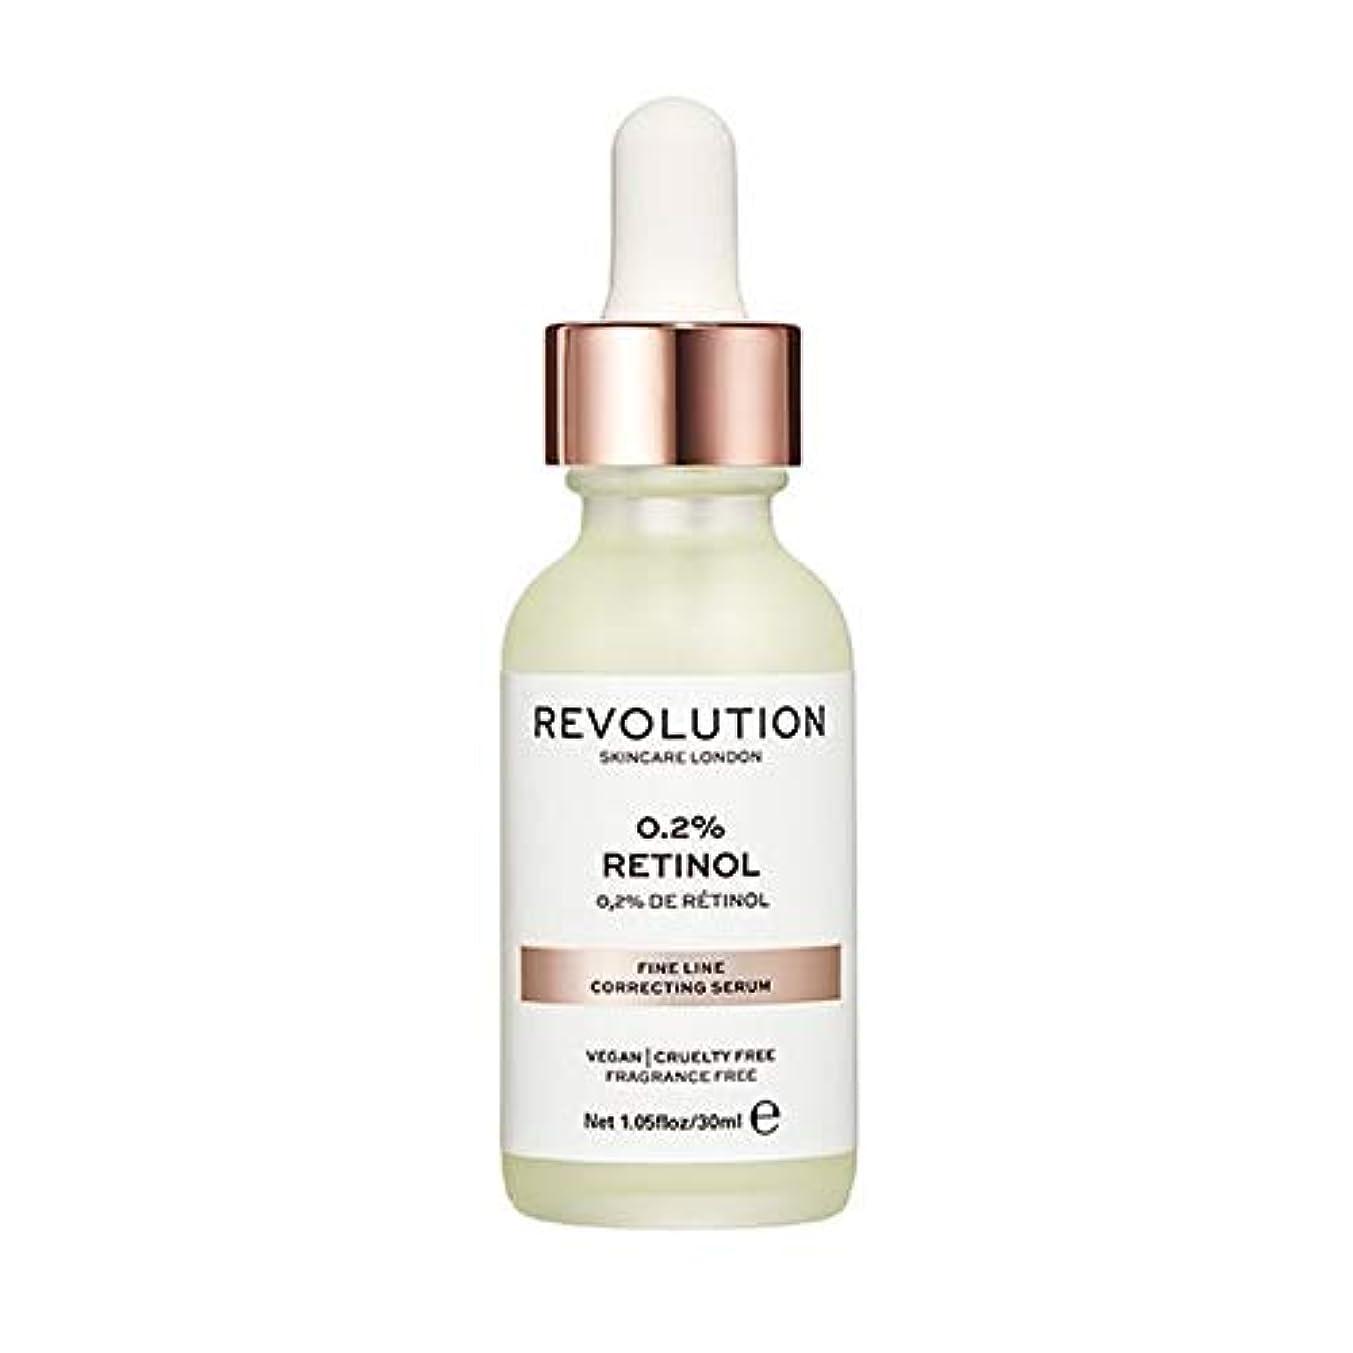 コンパスハンサムロック[Revolution] 革命のスキンケア細線補正した血清 - Revolution Skincare Fine Line Correcting Serum [並行輸入品]